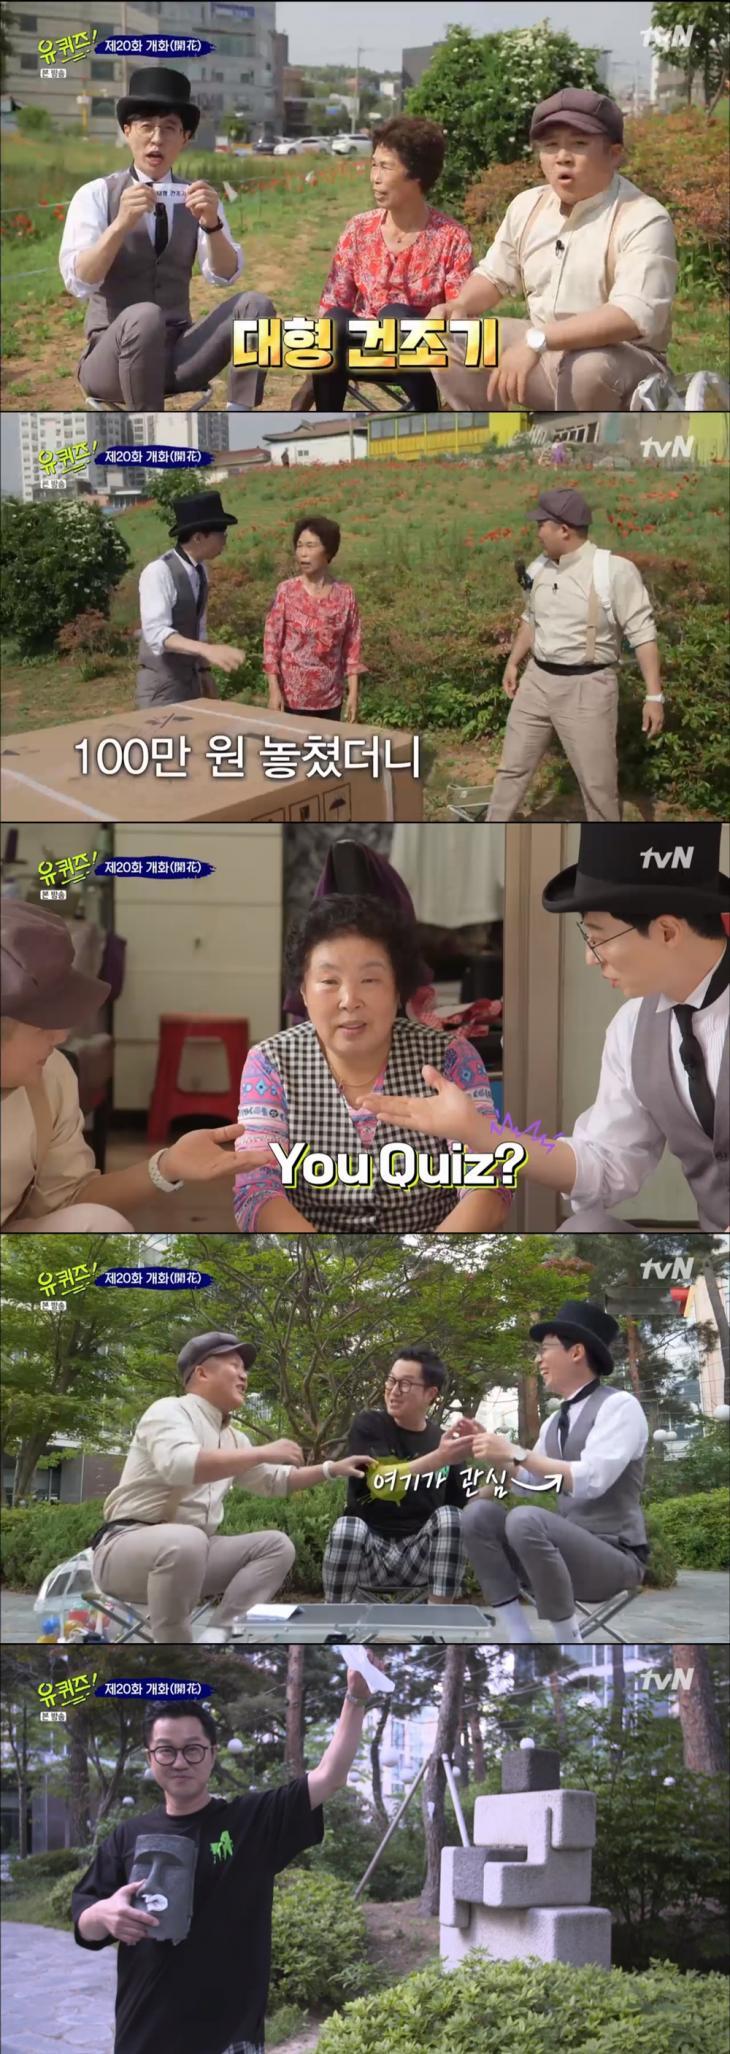 tvN '유퀴즈 온 더 블럭2' 방송 캡쳐